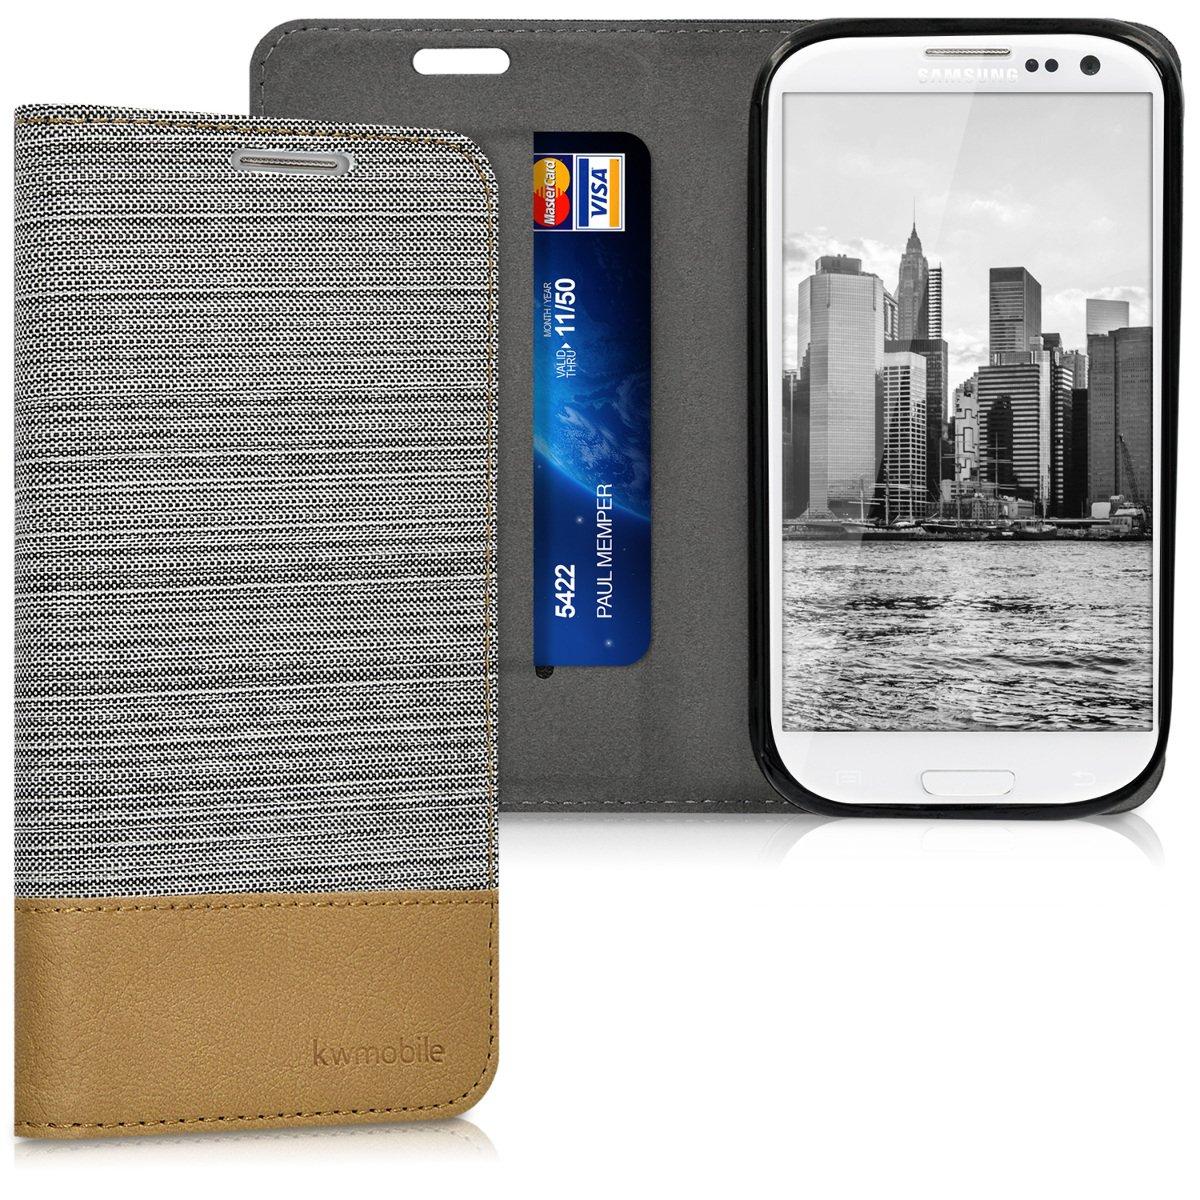 kwmobile Funda compatible con Samsung Galaxy S3 / S3 Neo-Carcasa de tela y cuero sintético con soporte en gris claro / marrón